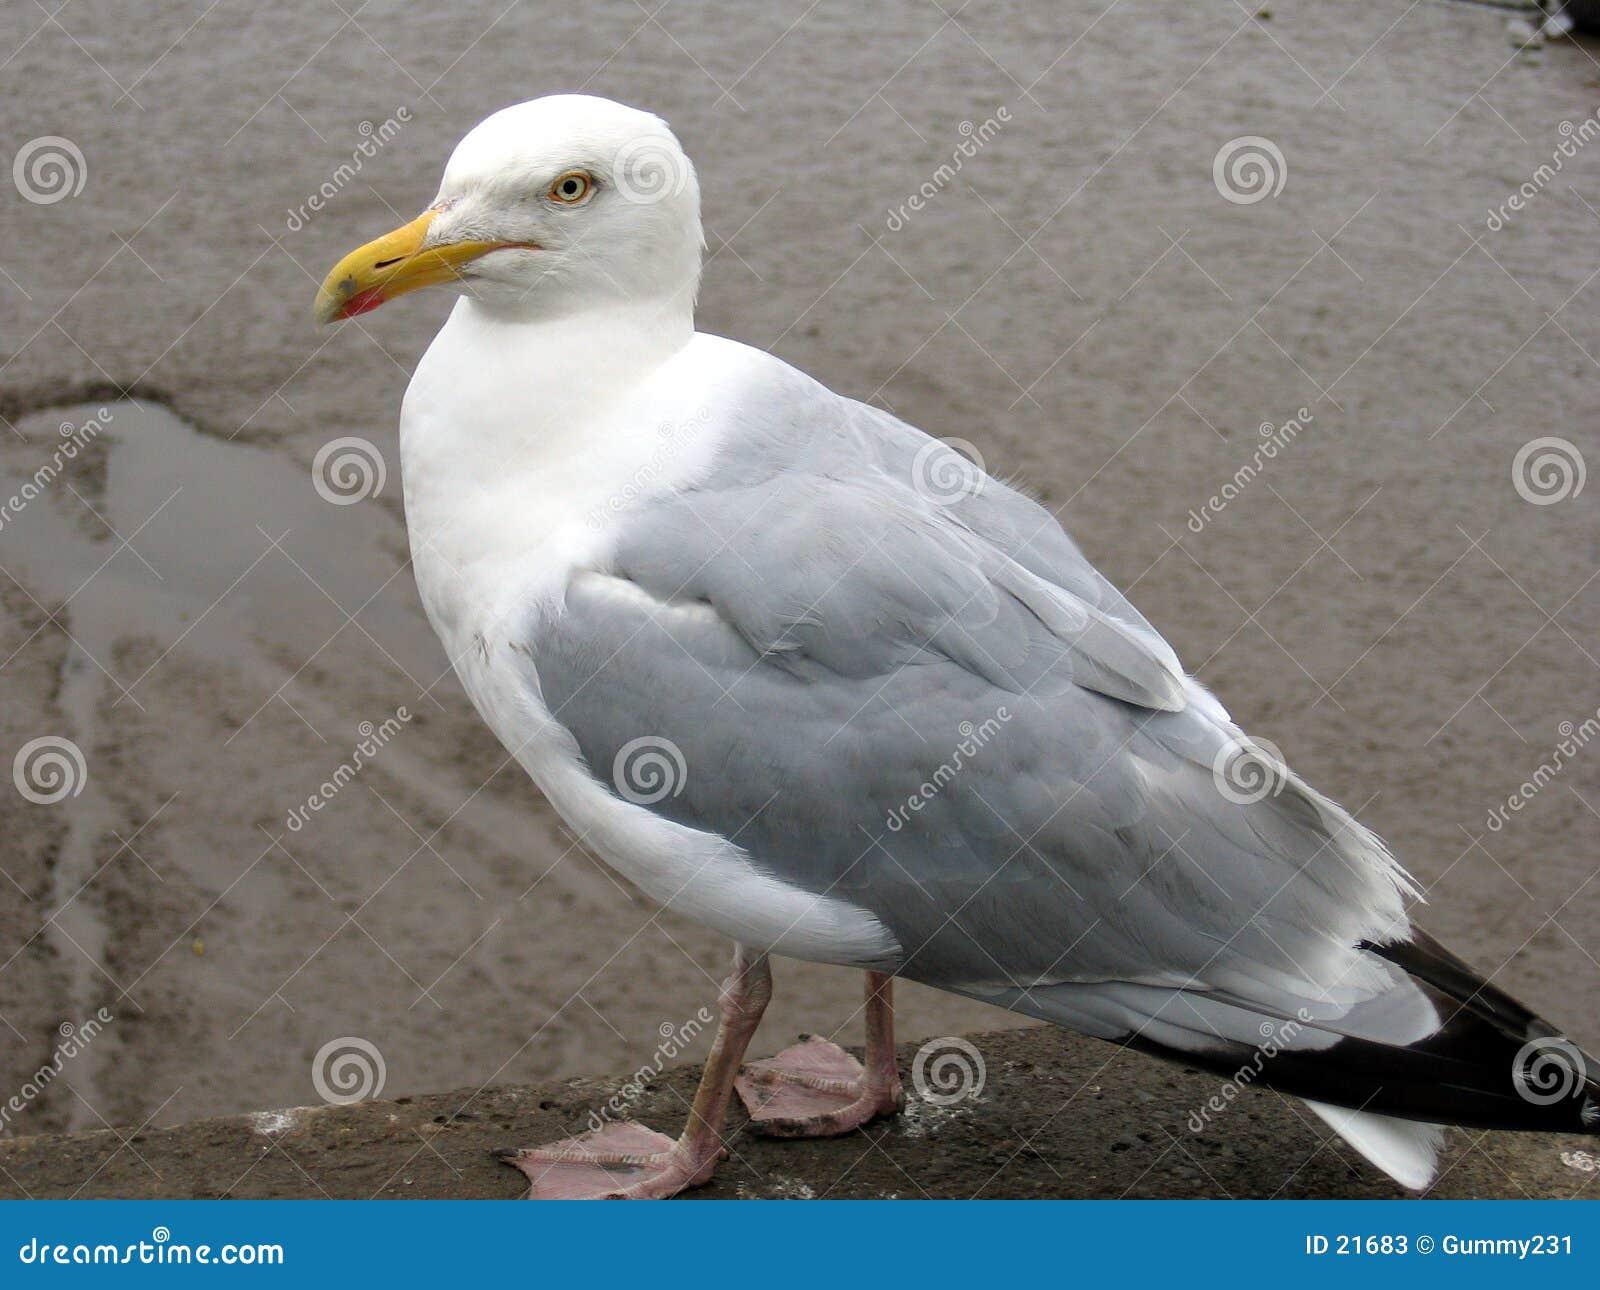 Seagullstanding